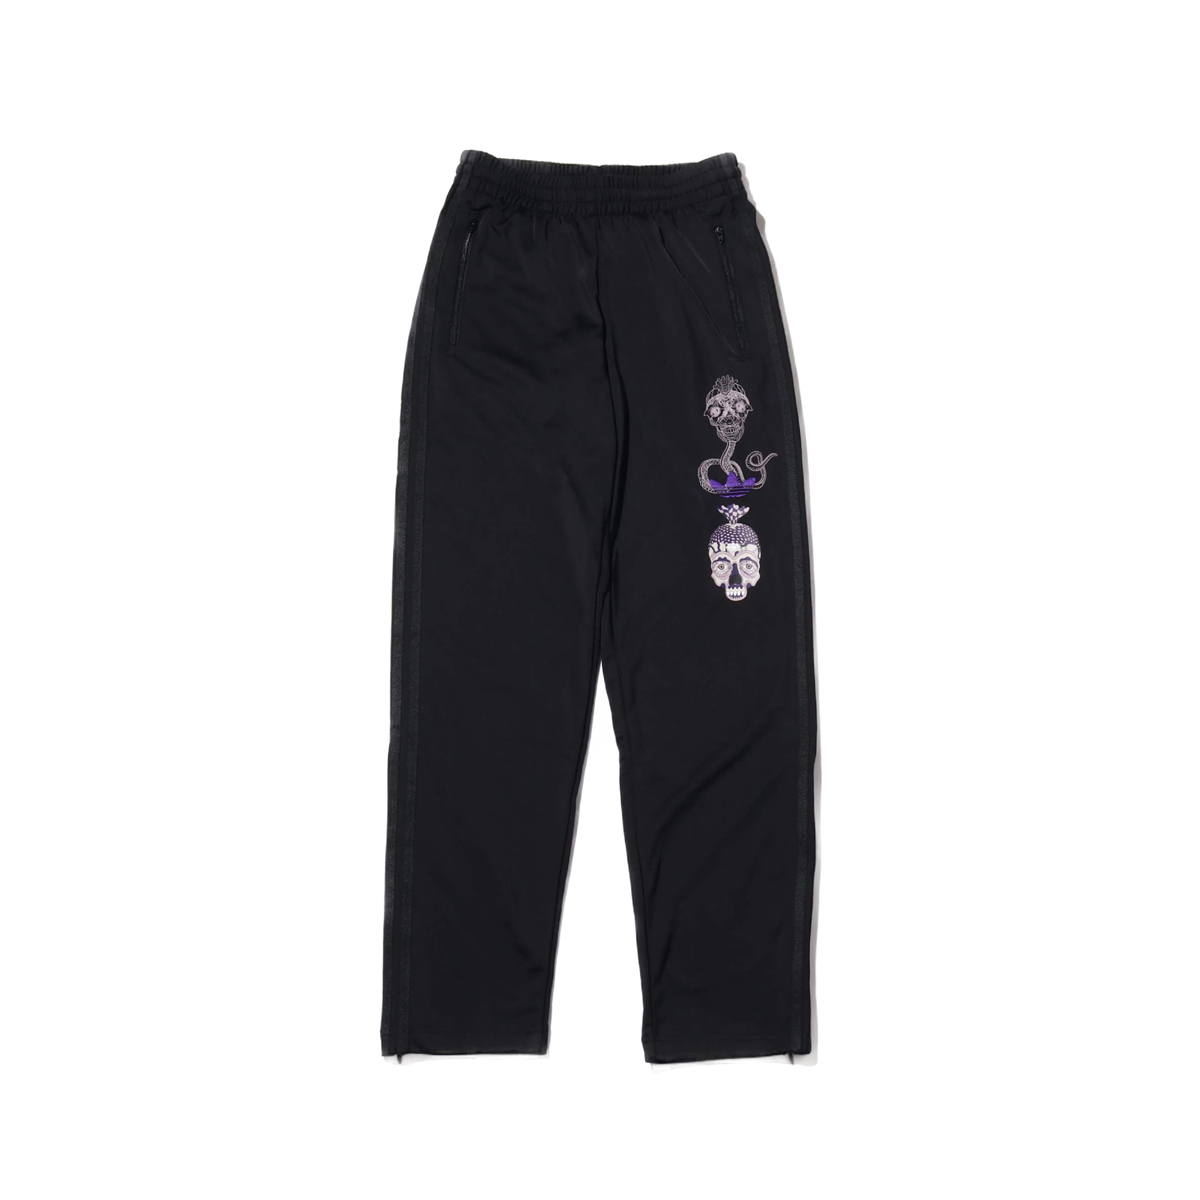 adidas GALLERY FB TRACK PANTS(アディダス ギャラリー トラック パンツ)ブラック【メンズ ロングパンツ】19FW-I